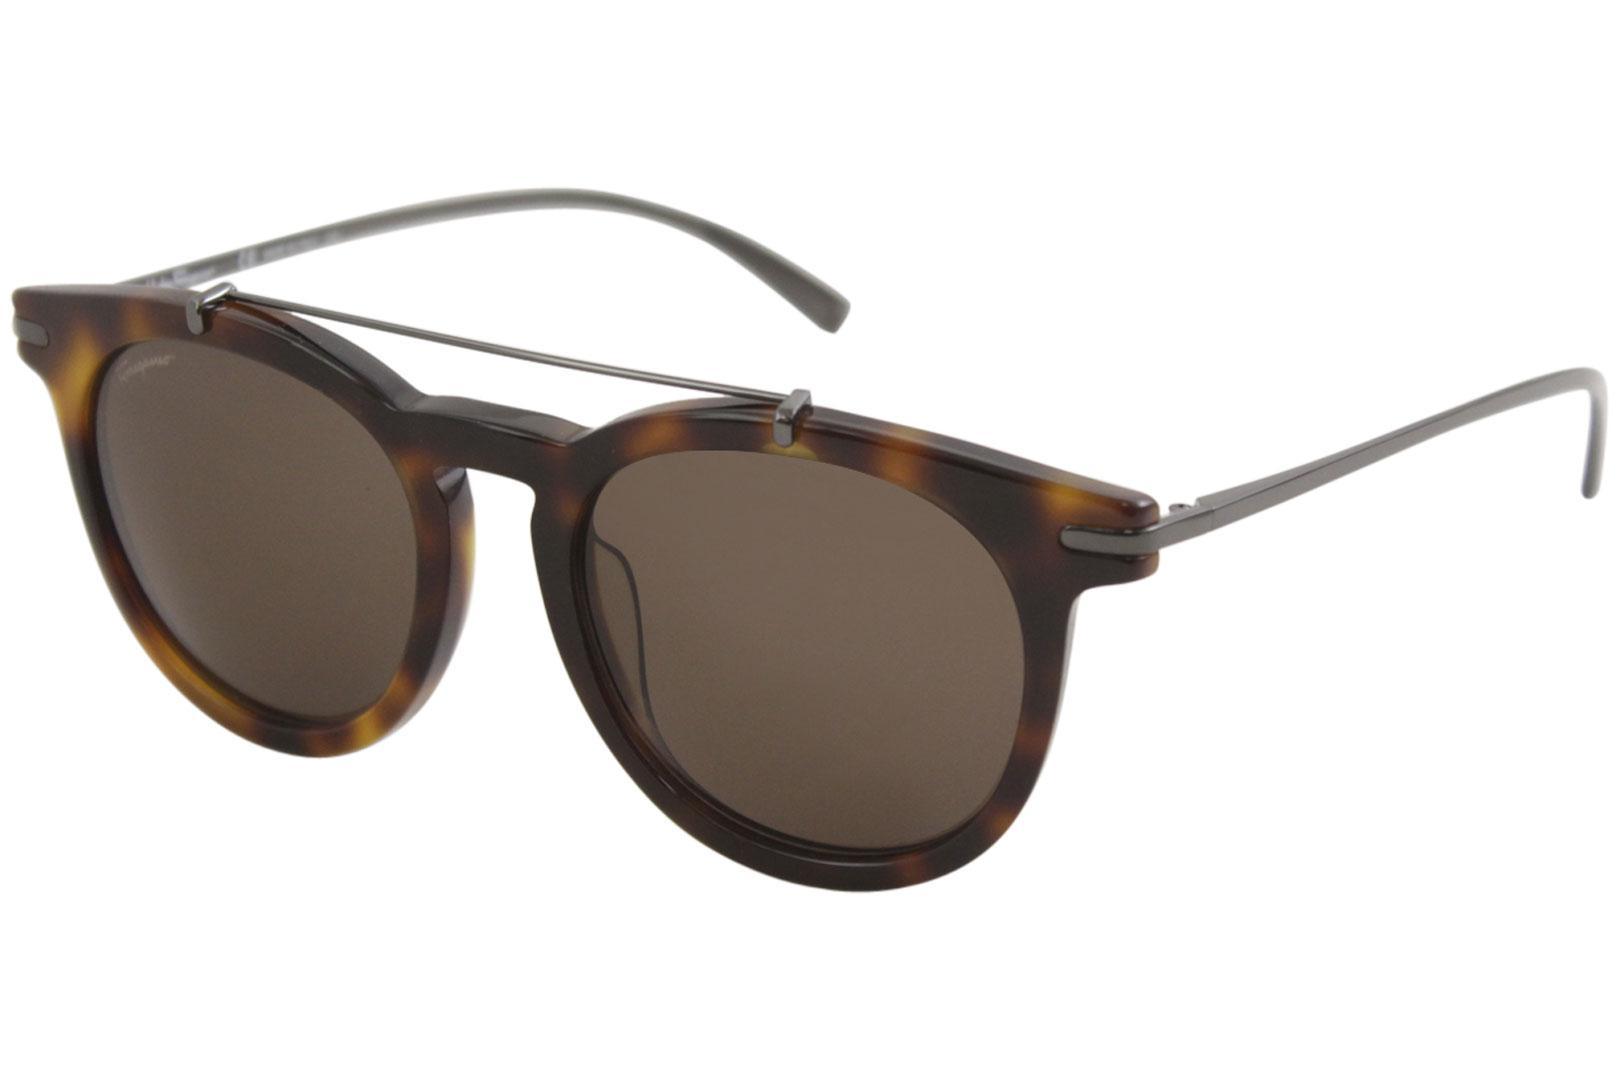 725dd575e4e Salvatore Ferragamo Women s S821S SF 821 S Fashion Round Sunglasses